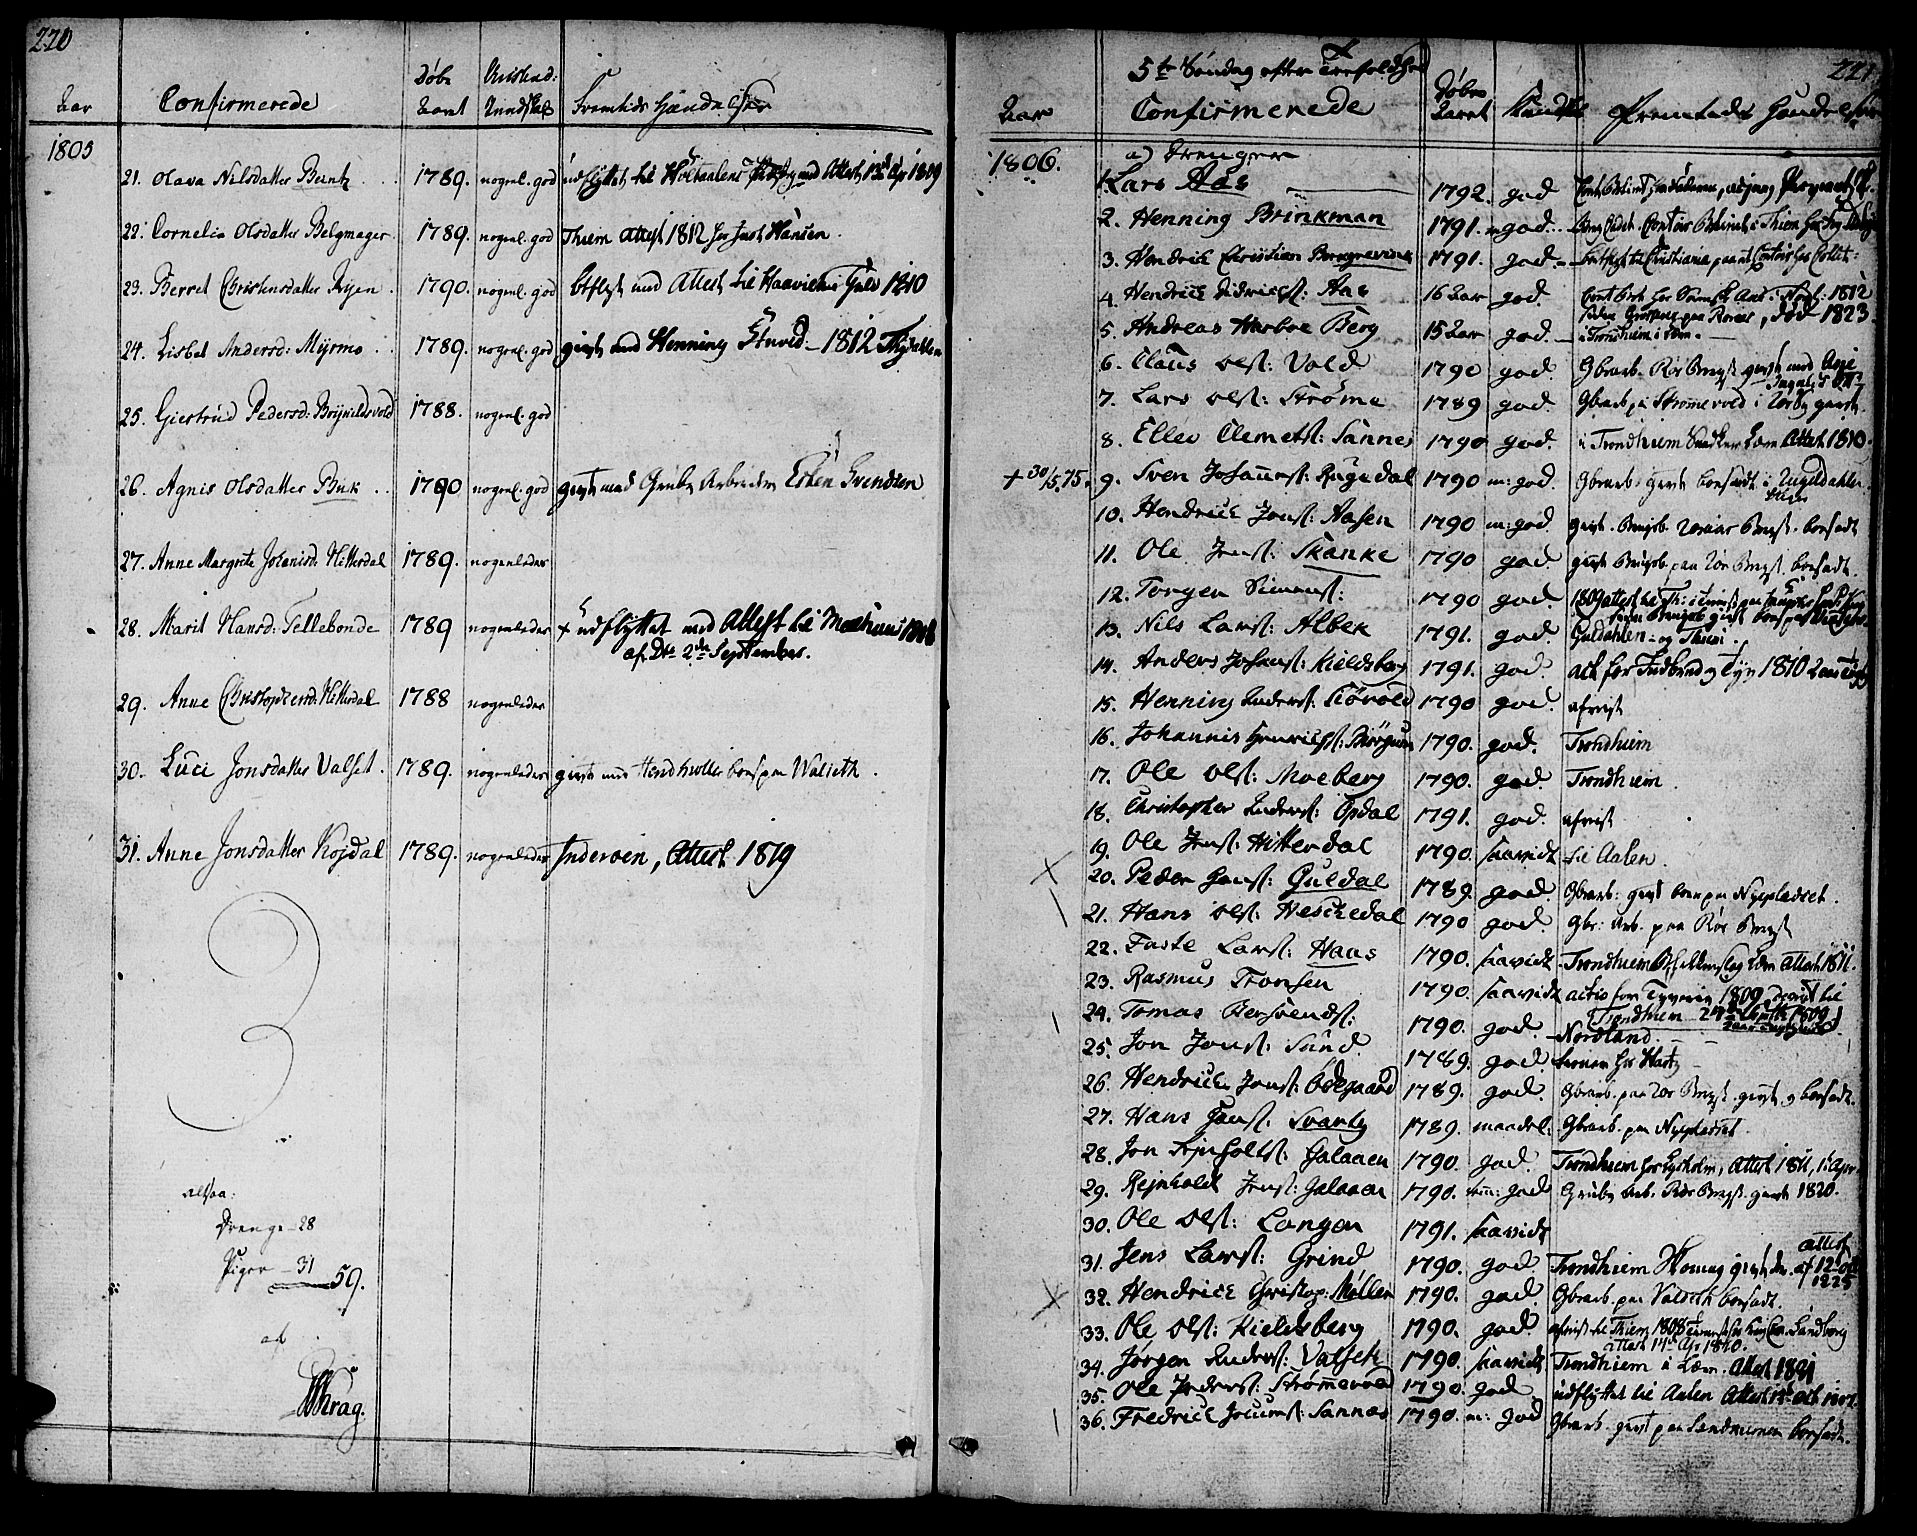 SAT, Ministerialprotokoller, klokkerbøker og fødselsregistre - Sør-Trøndelag, 681/L0927: Ministerialbok nr. 681A05, 1798-1808, s. 220-221